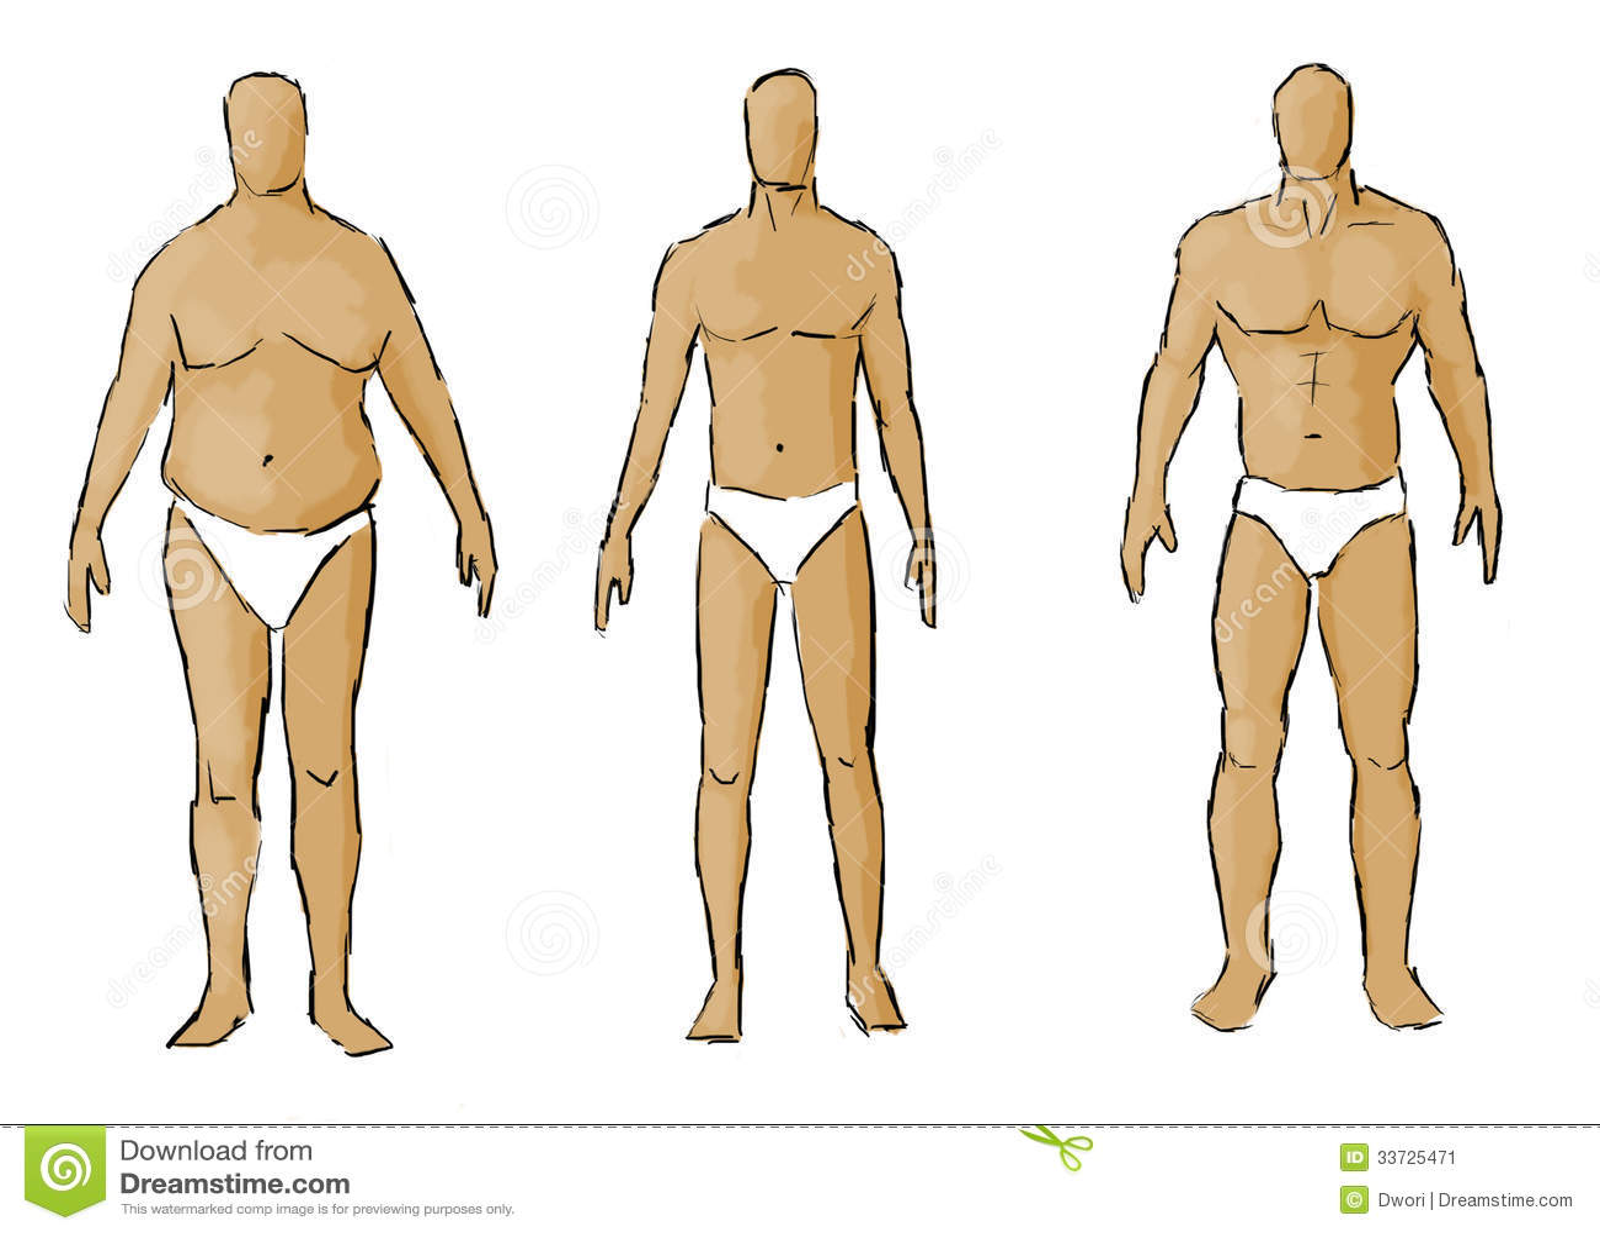 Нормостенический тип телосложения фото девушек